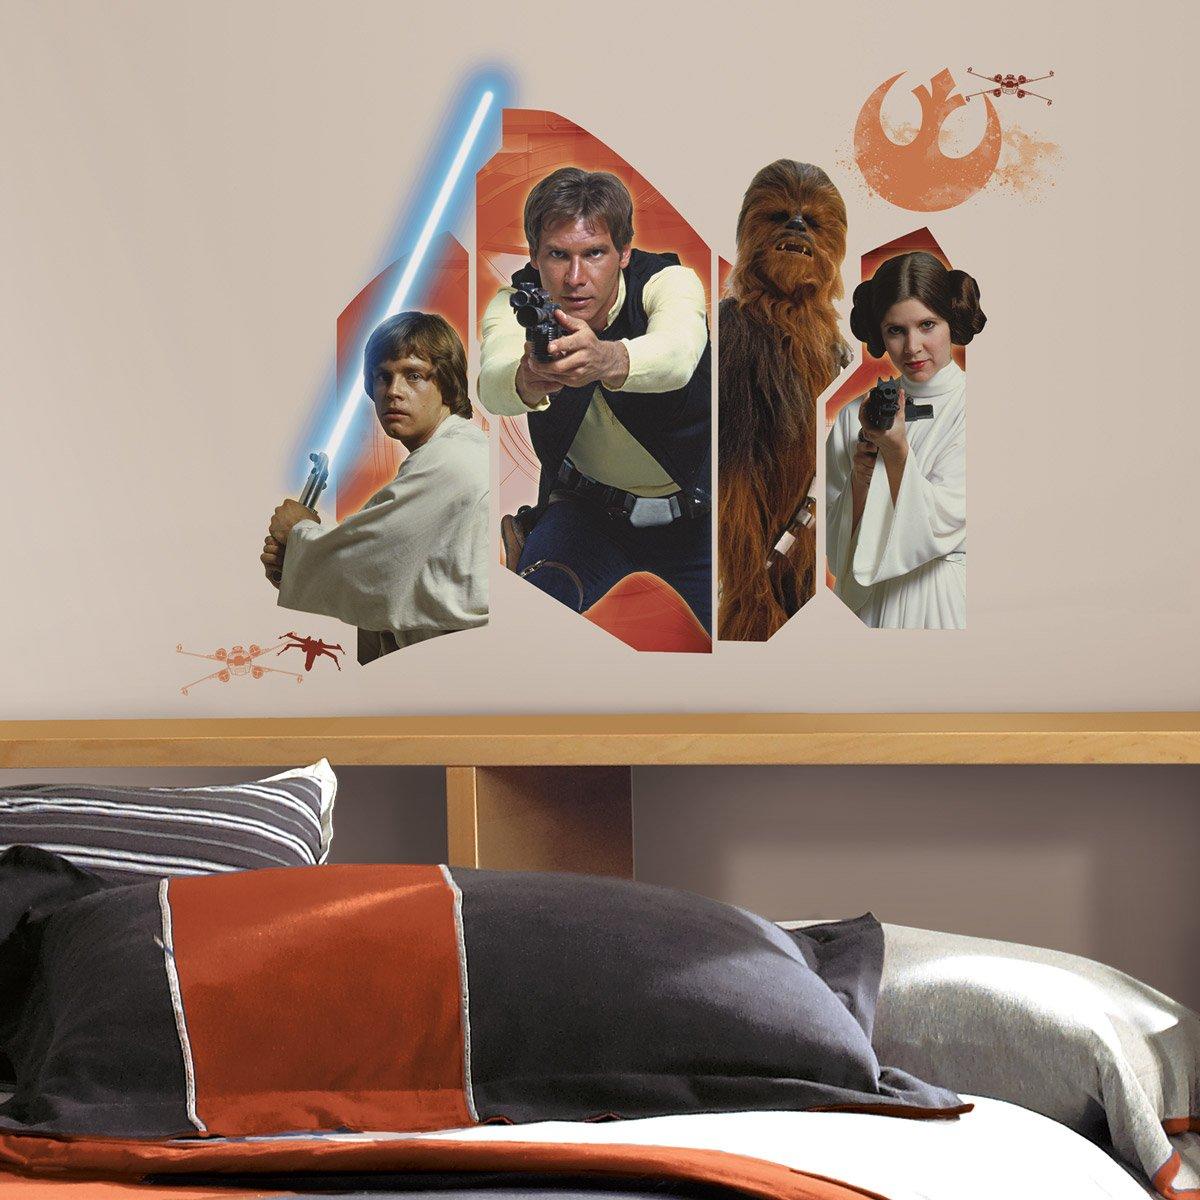 star wars luke solo chewie und leia. Black Bedroom Furniture Sets. Home Design Ideas